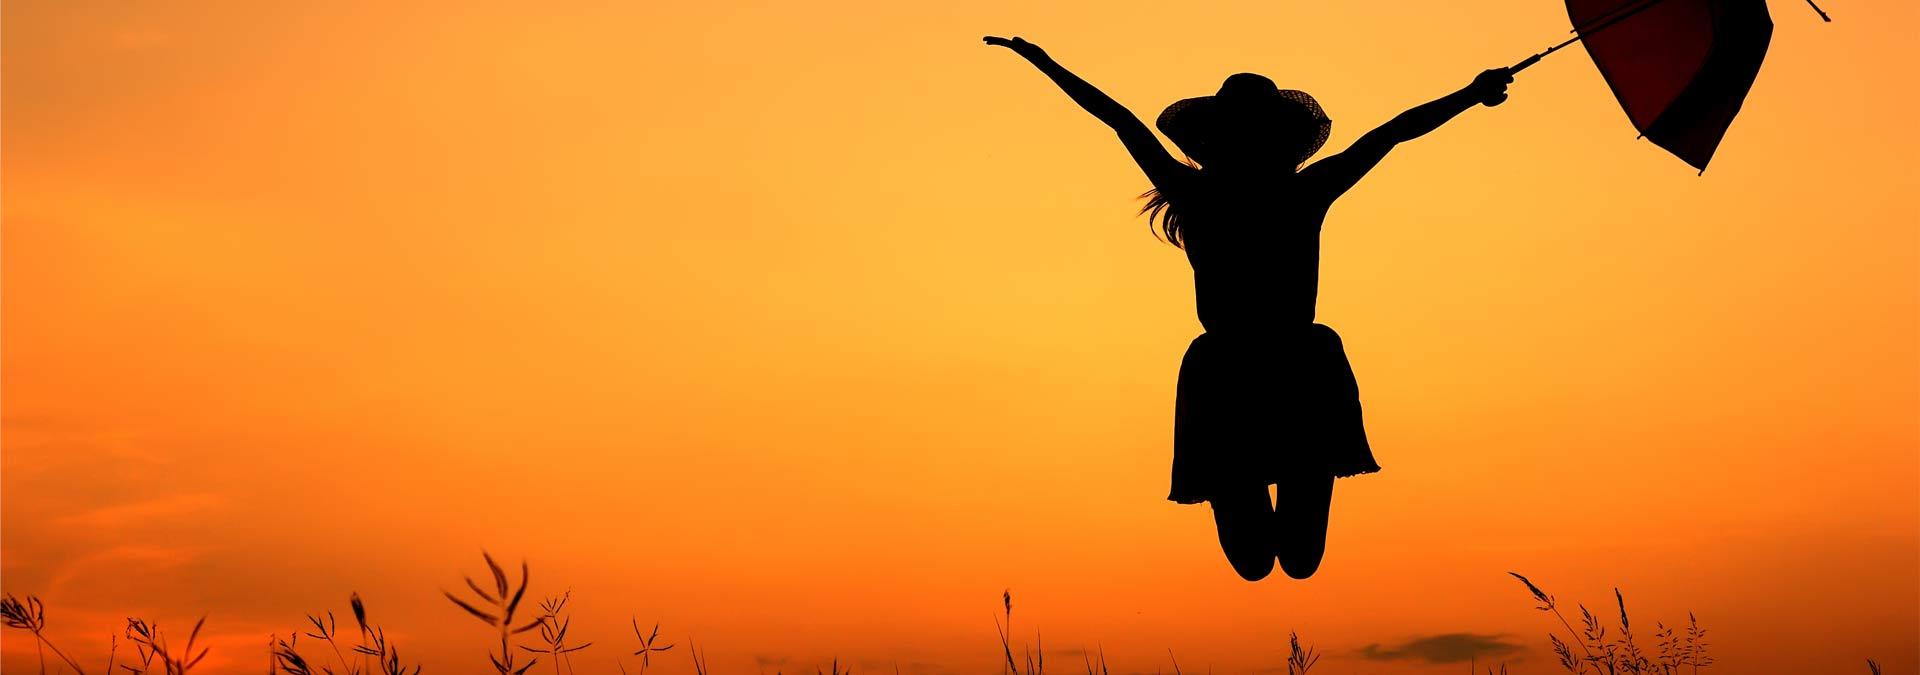 spreuken en wijsheden geluk Mooie Wijsheden voor jouw Zoektocht naar Geluk   Hét  spreuken en wijsheden geluk